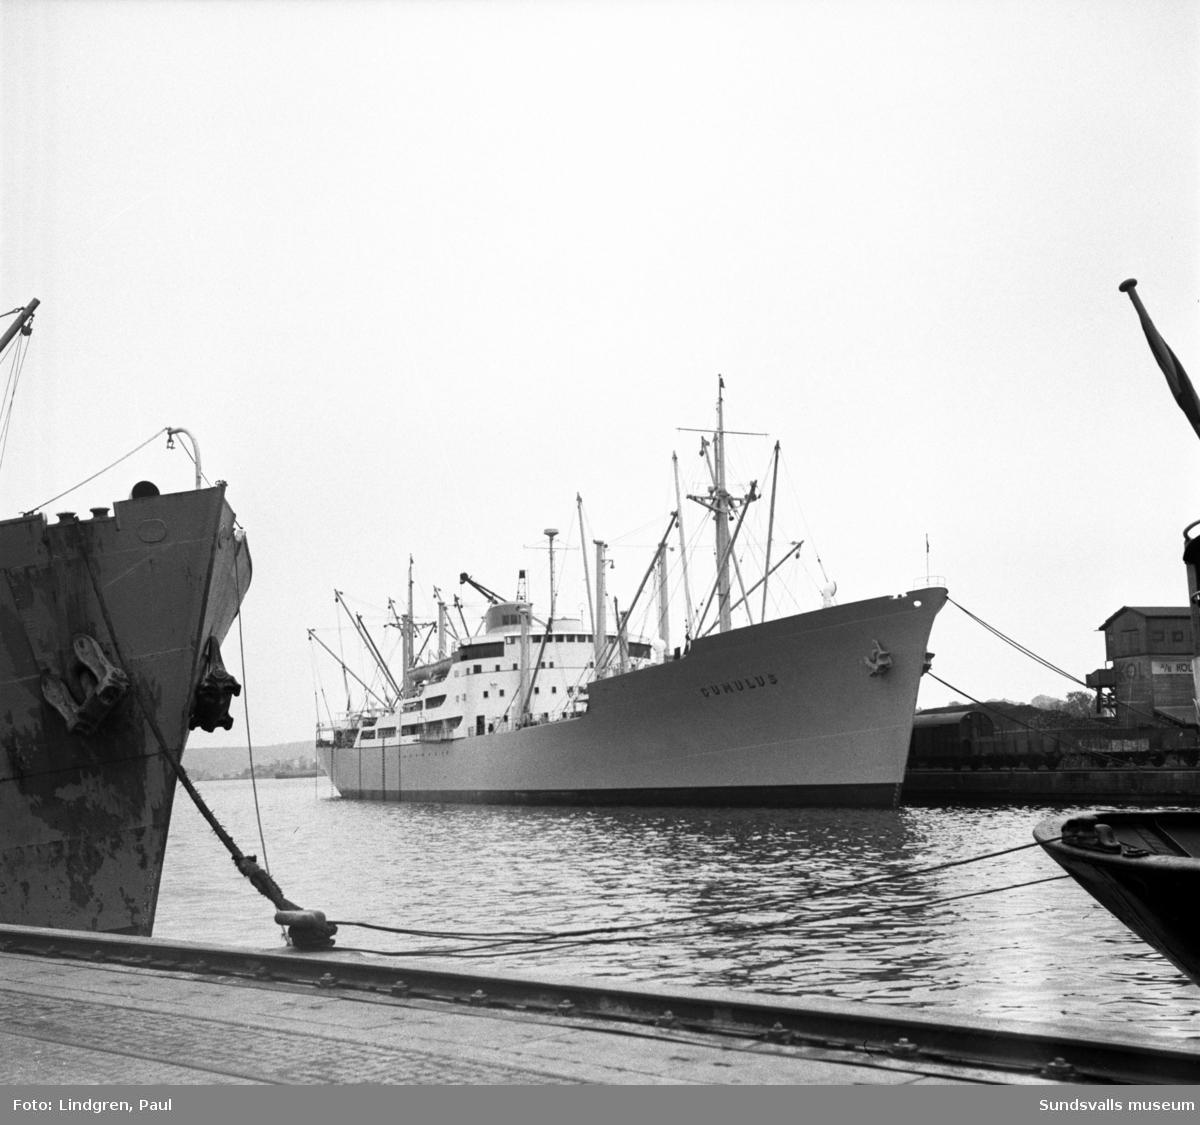 Lastfartygen Aspen och Cumulus i Sundsvalls hamn. Aspen, som lossade den största kollast (8 350 ton) som då någonsin fraktats upp till Sundsvallsdistriktet, och var avsedd för Sundsvall och Svartviks fabrik. Cumulus var det modernaste och snabbaste lastfartyg som angjort Sundsvall. Fartyget skulle lasta massa för att därefter gå till Australien.